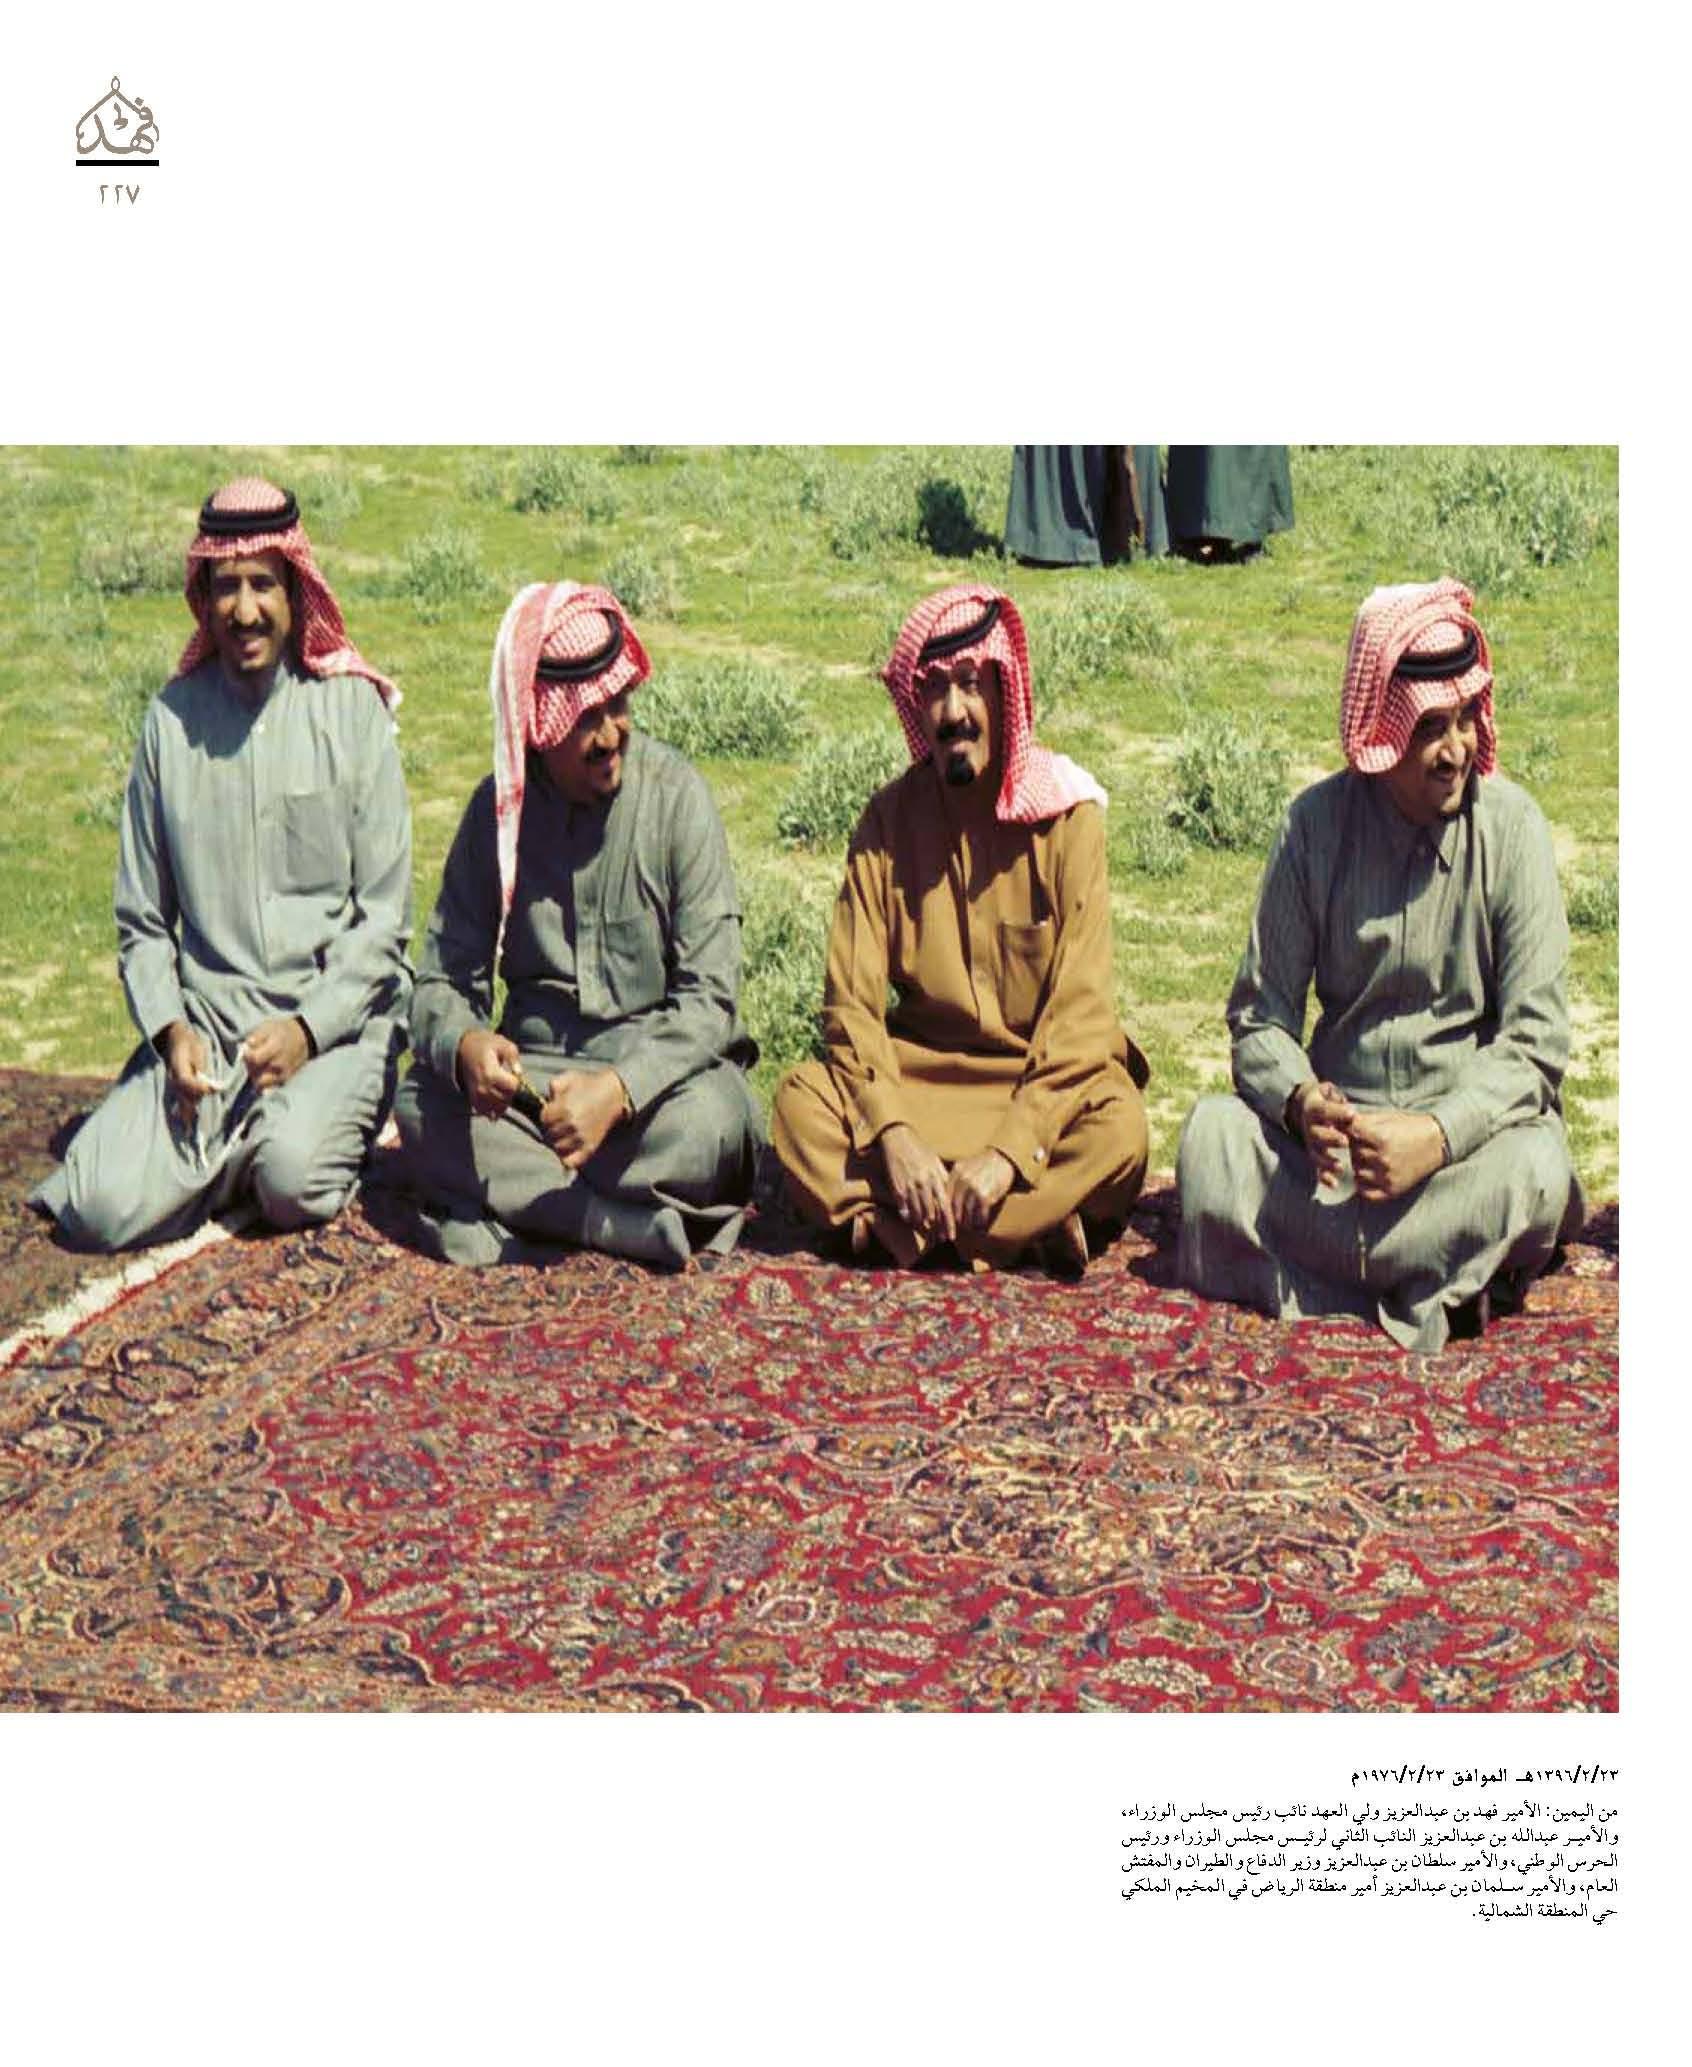 """صور نادرة للملك فهد في """"كتاب"""" 659f92e7-ff11-4d61-9570-8b40983e8d6d"""